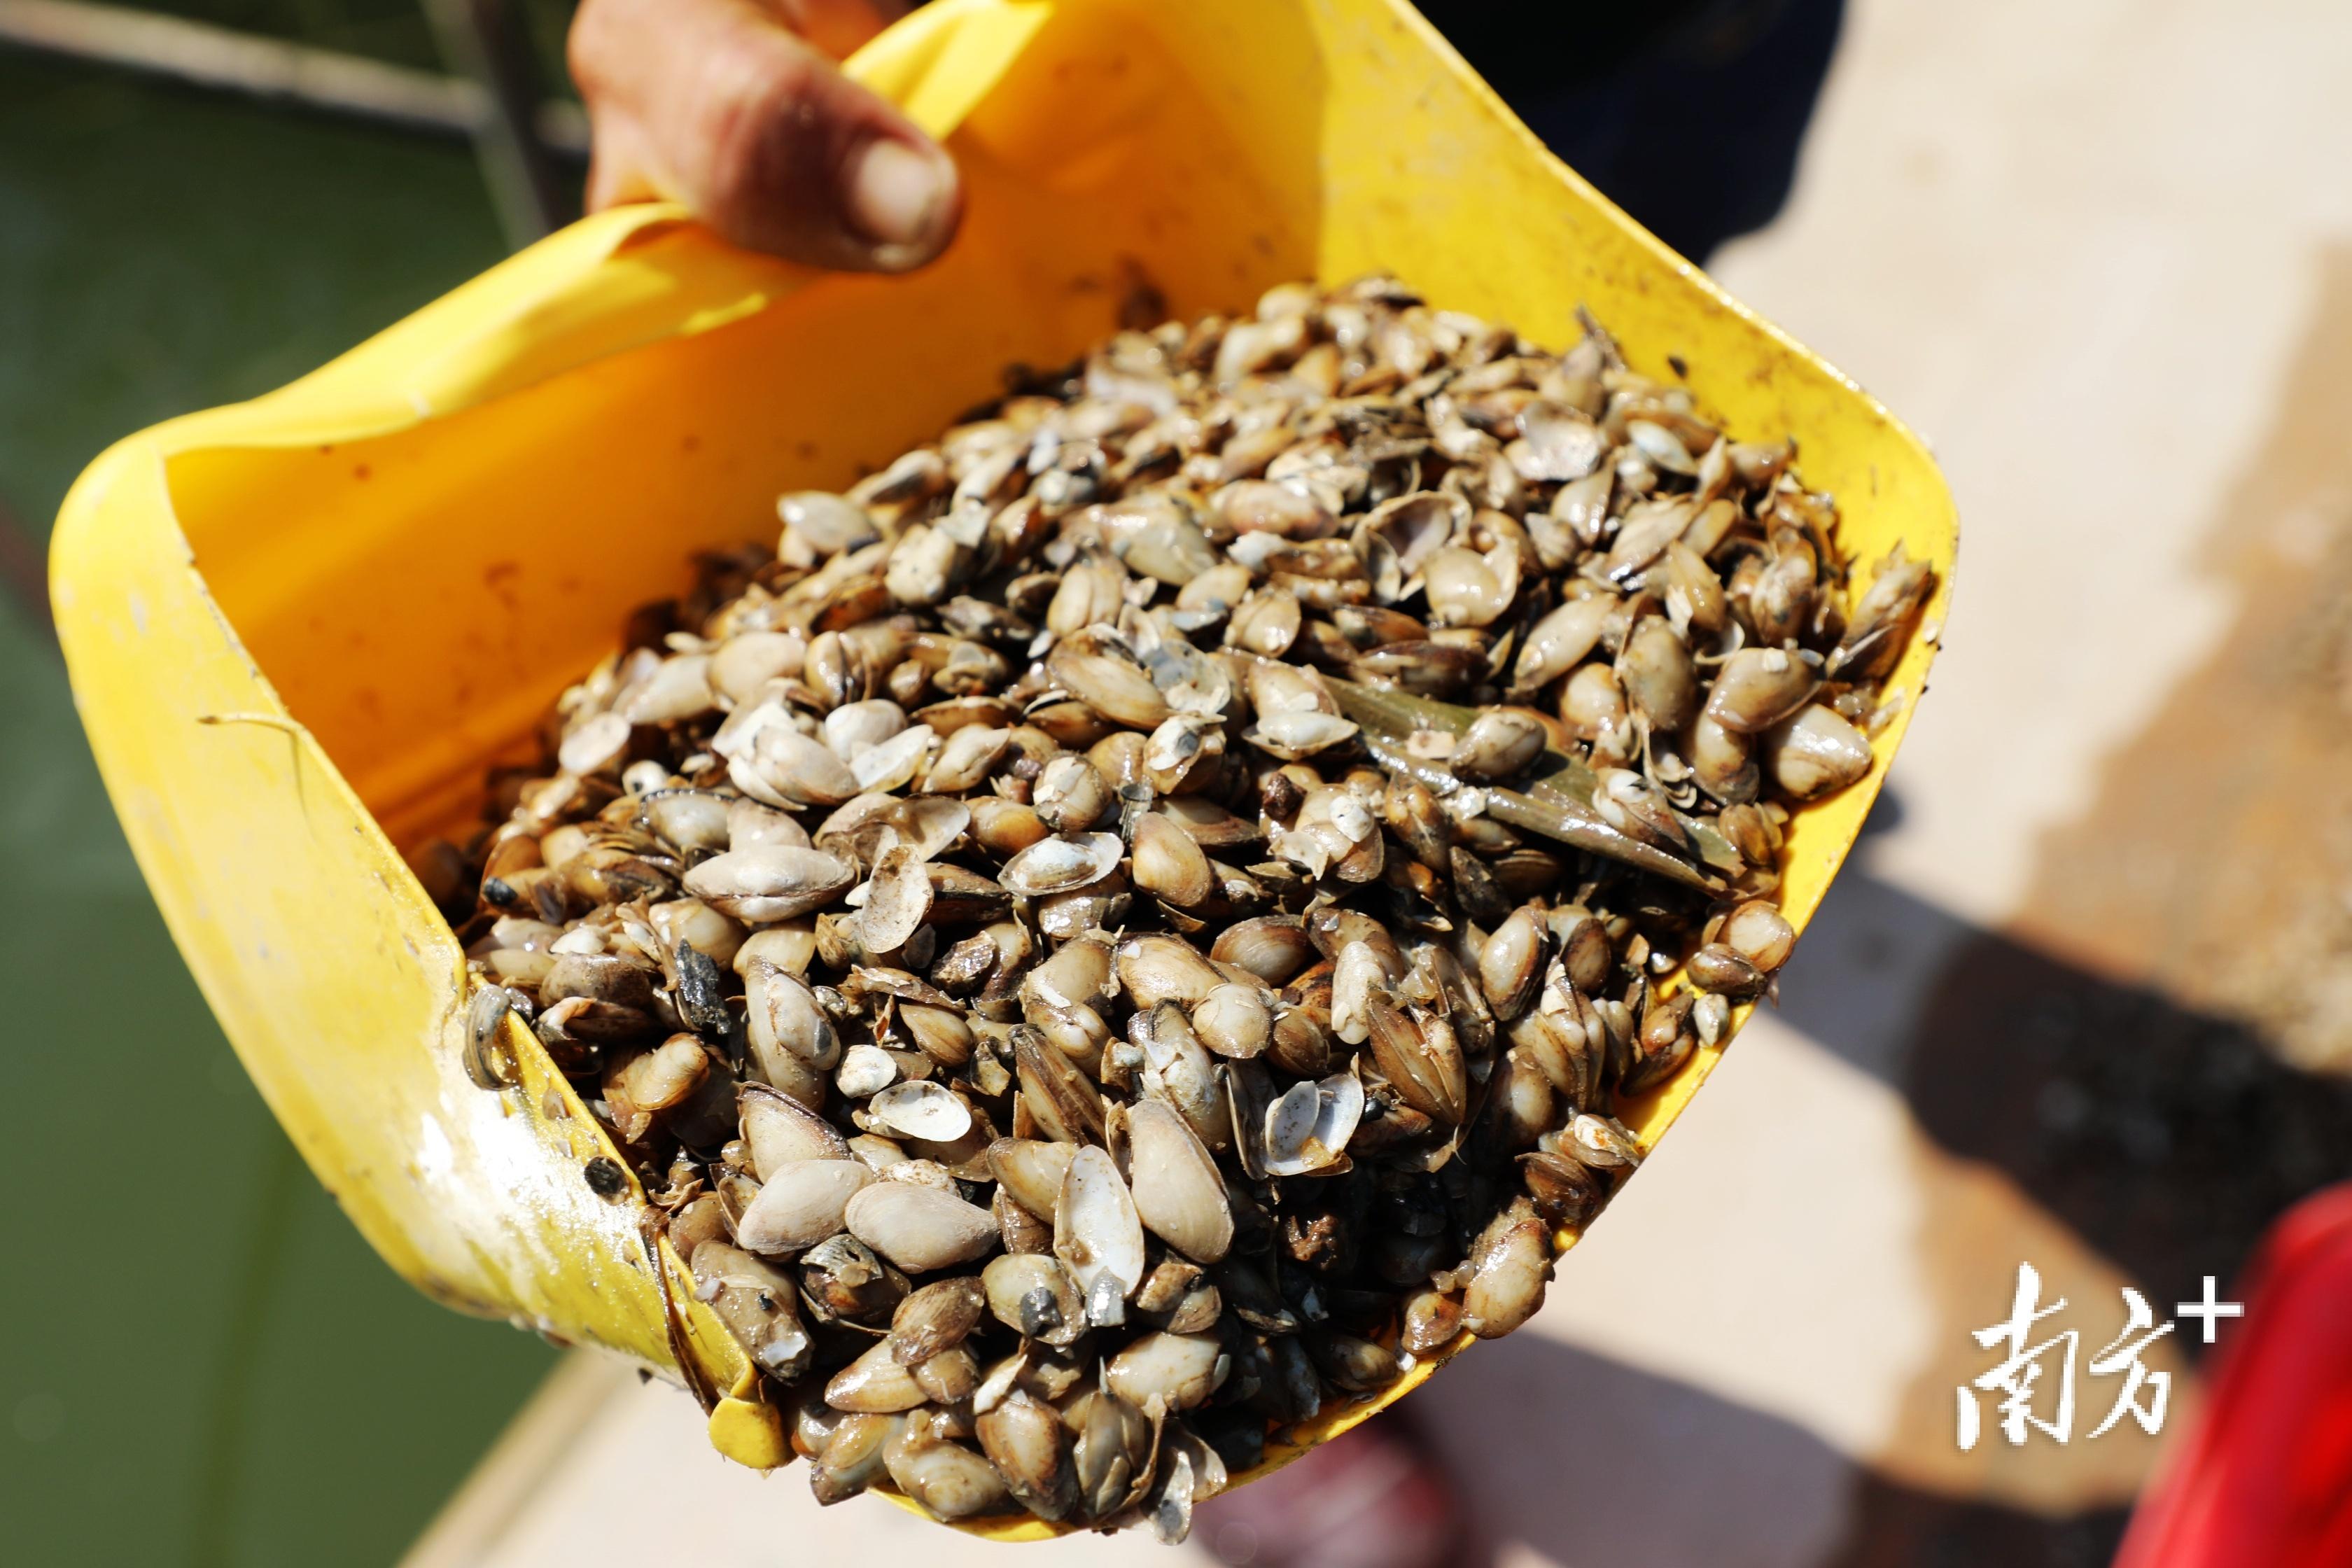 牛田洋青蟹所吃的饵料是一种名叫红肉蓝蛤的小型贝类。  南方+ 张伟炜 拍摄